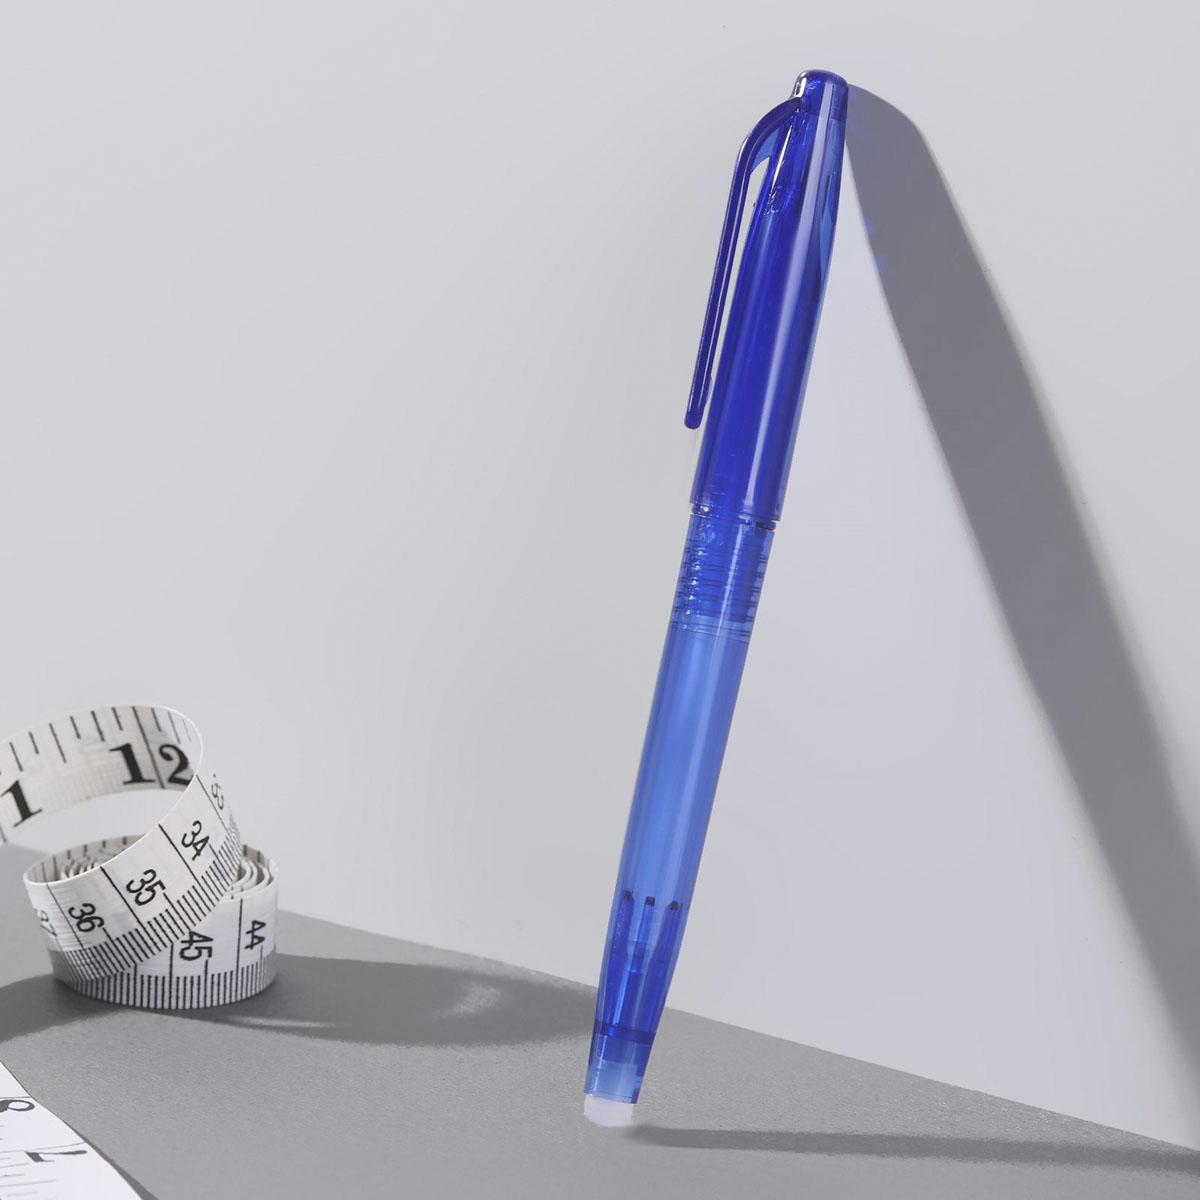 4461199 Ручка для ткани термоисчез белый